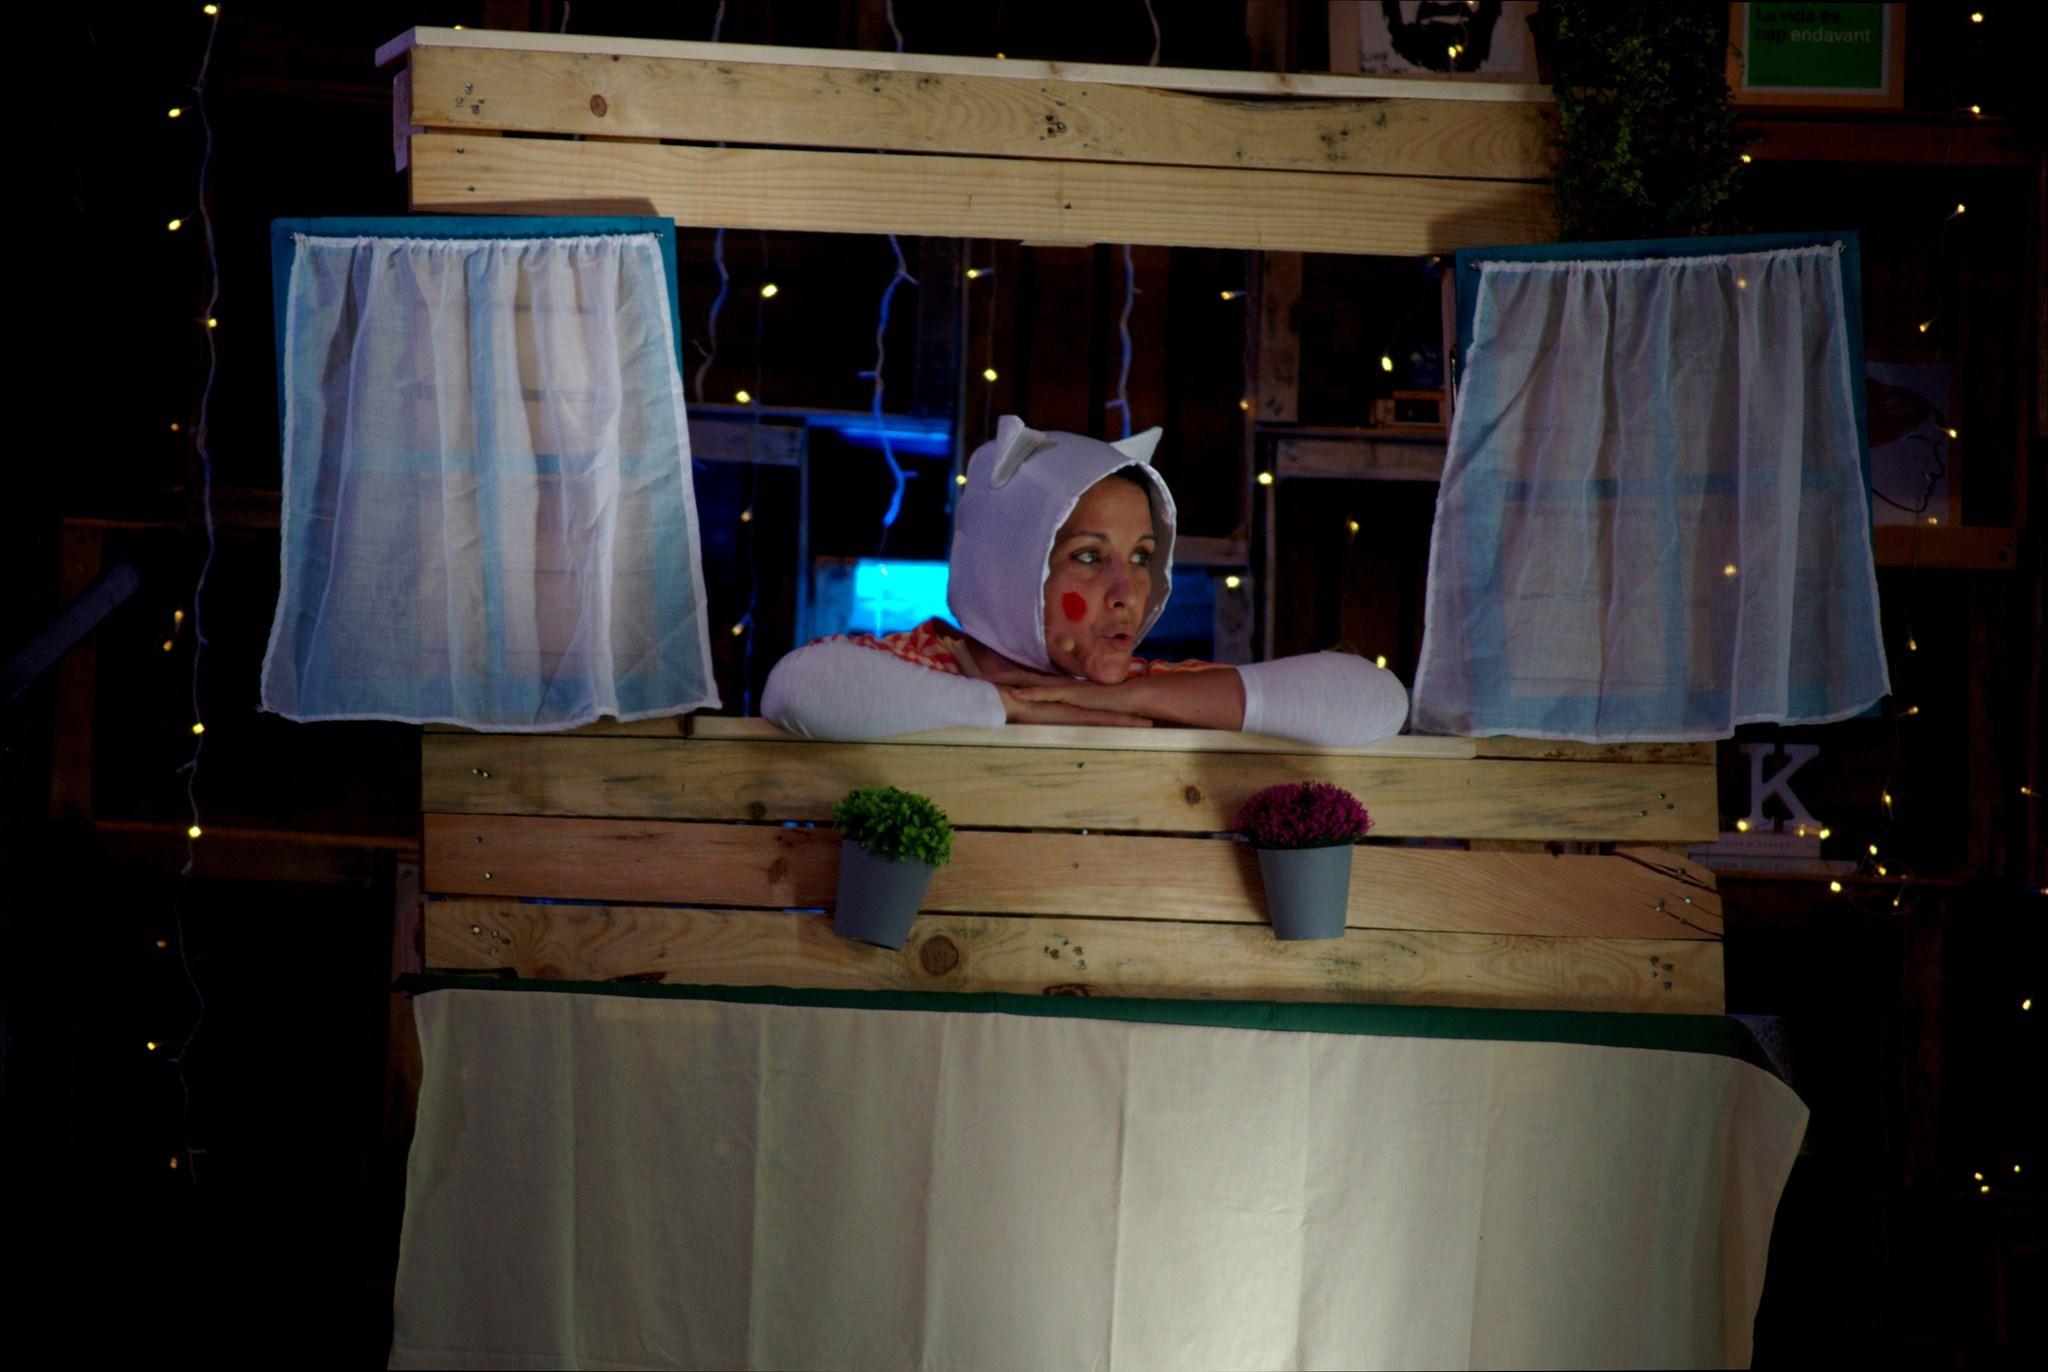 'Obrim la maleta de contes i cançons' amb Gemma Capdevila